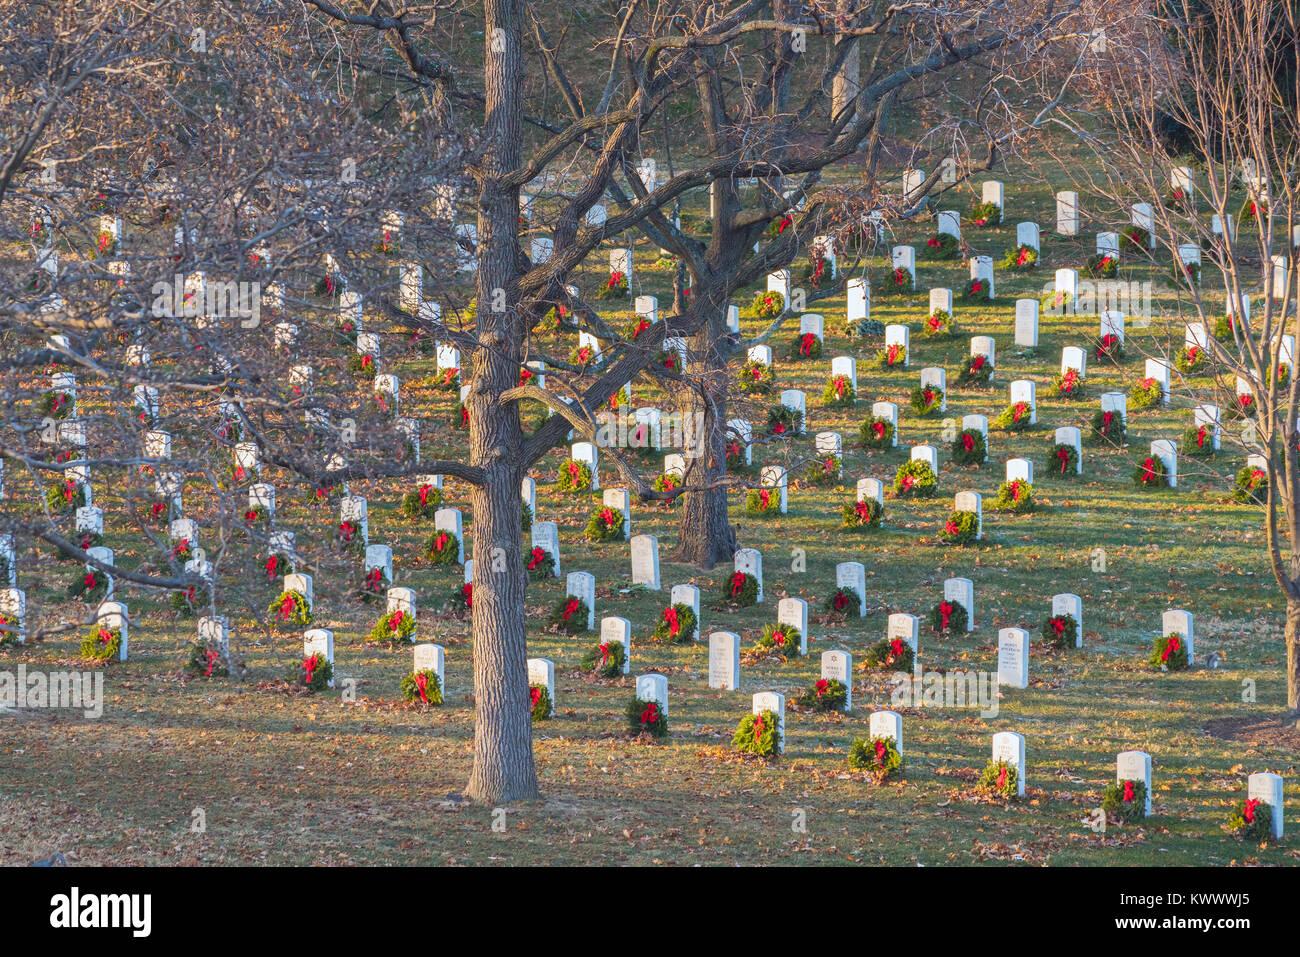 ARLINGTON, VA/STATI UNITI D'America - 1 gennaio 2018: raggi del caldo sole del pomeriggio risplenda su ghirlande con centine rosso che ornano lapidi che commemora la vita di Bra Foto Stock